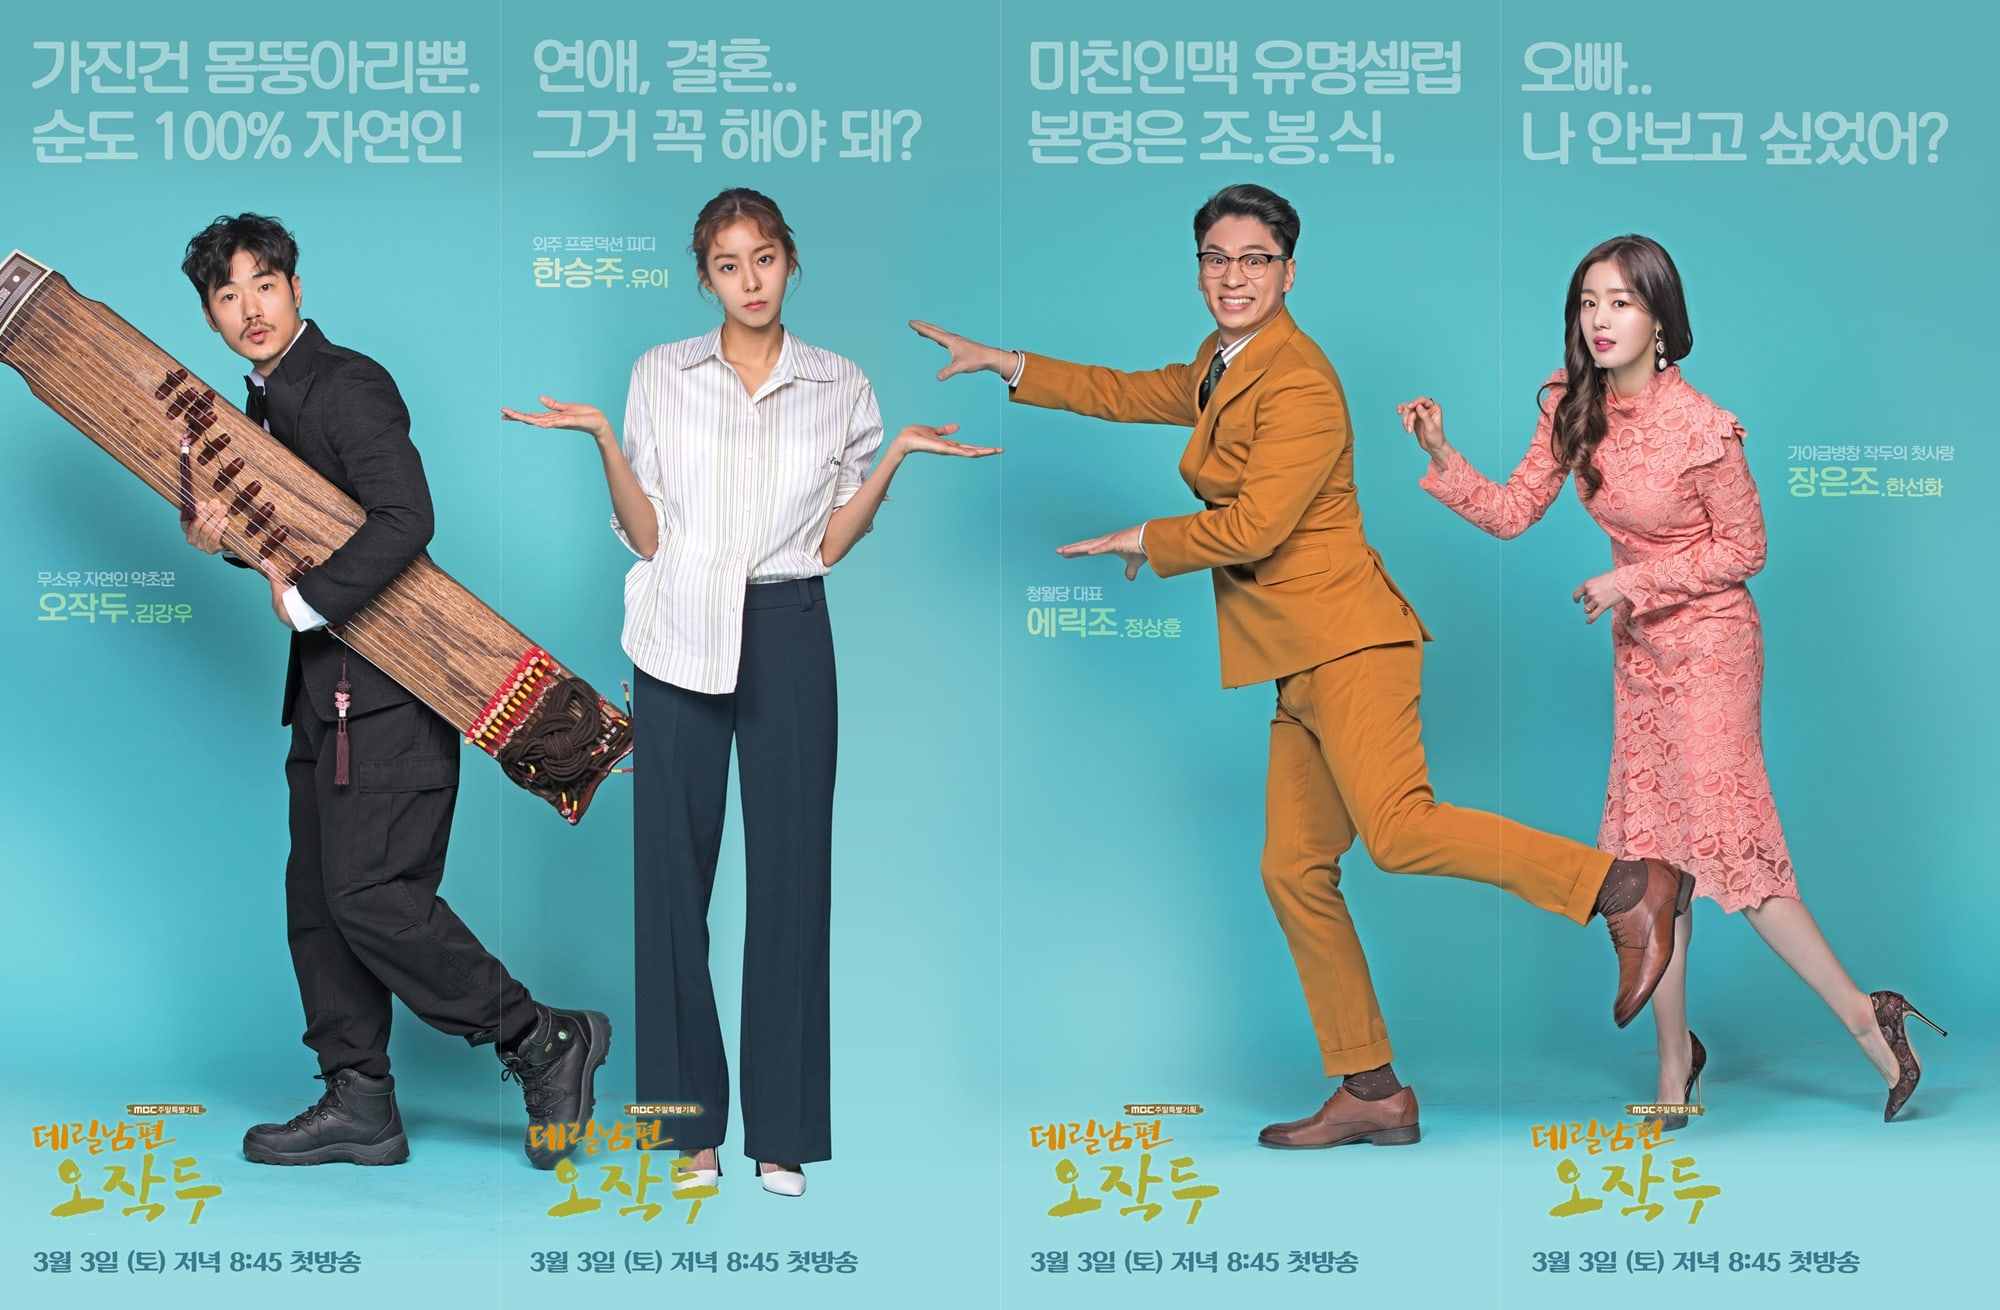 """""""My Husband, Mr. Oh!"""" revela pósters de personajes para UEE, Kim Kang Woo, Jung Sang Hoon y Han Sun Hwa"""